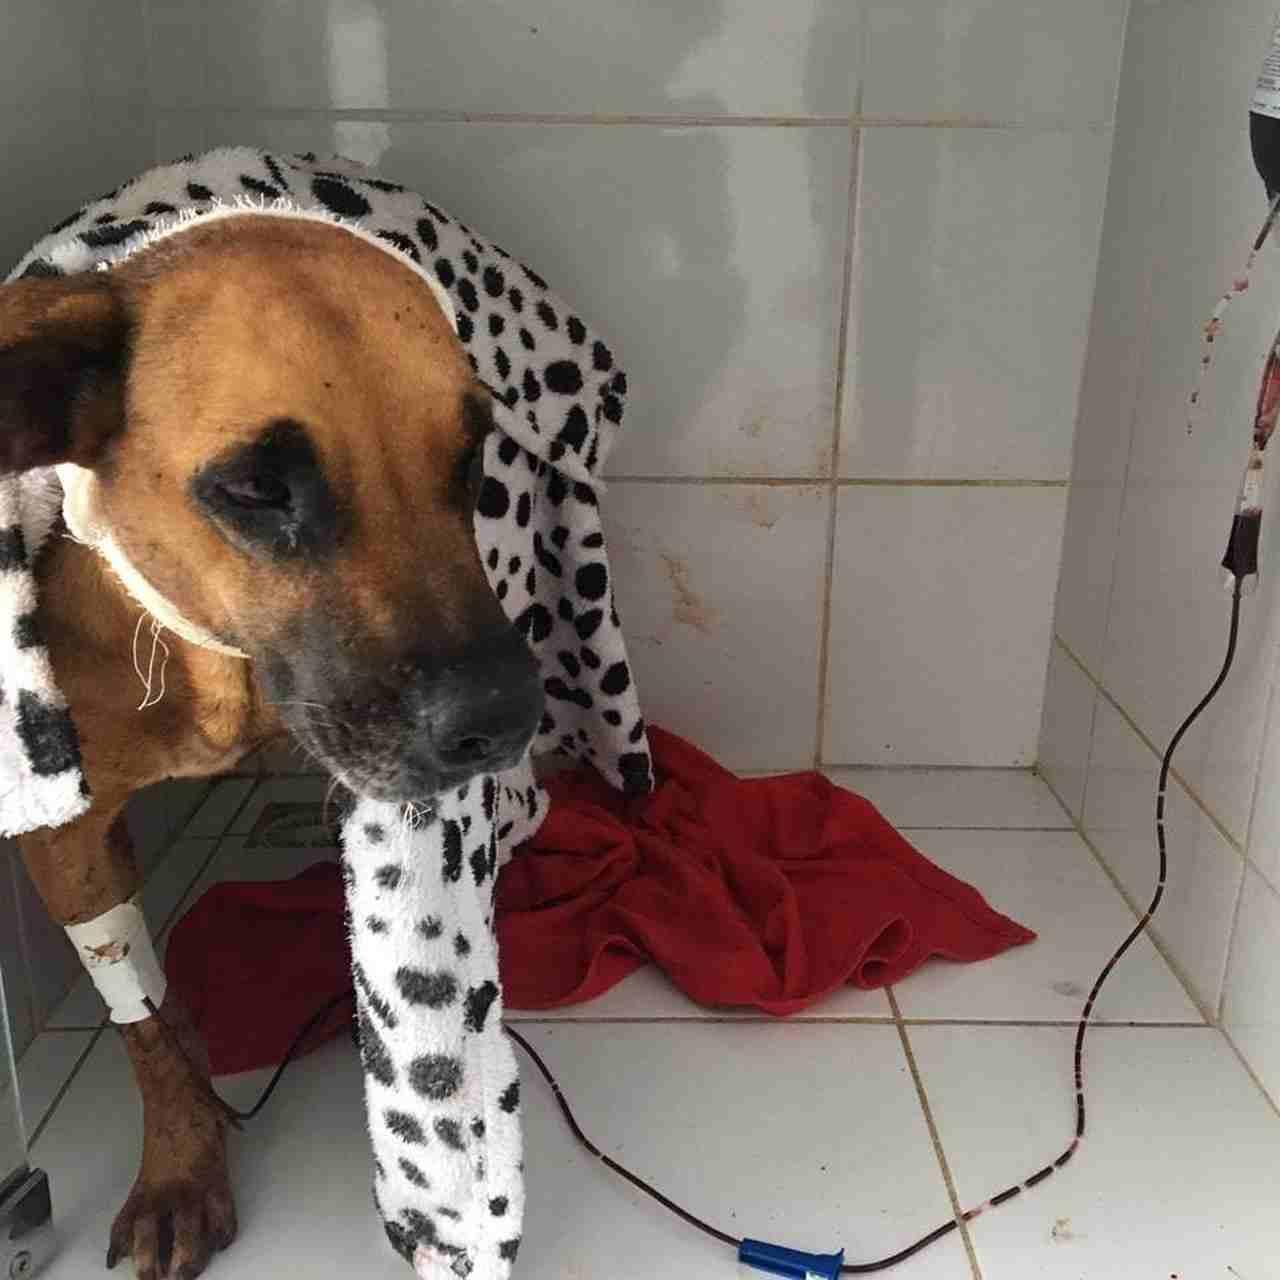 Cadela Safira ficou bastante ferida após ser golpeada com facão   Foto: ONG socorro animal